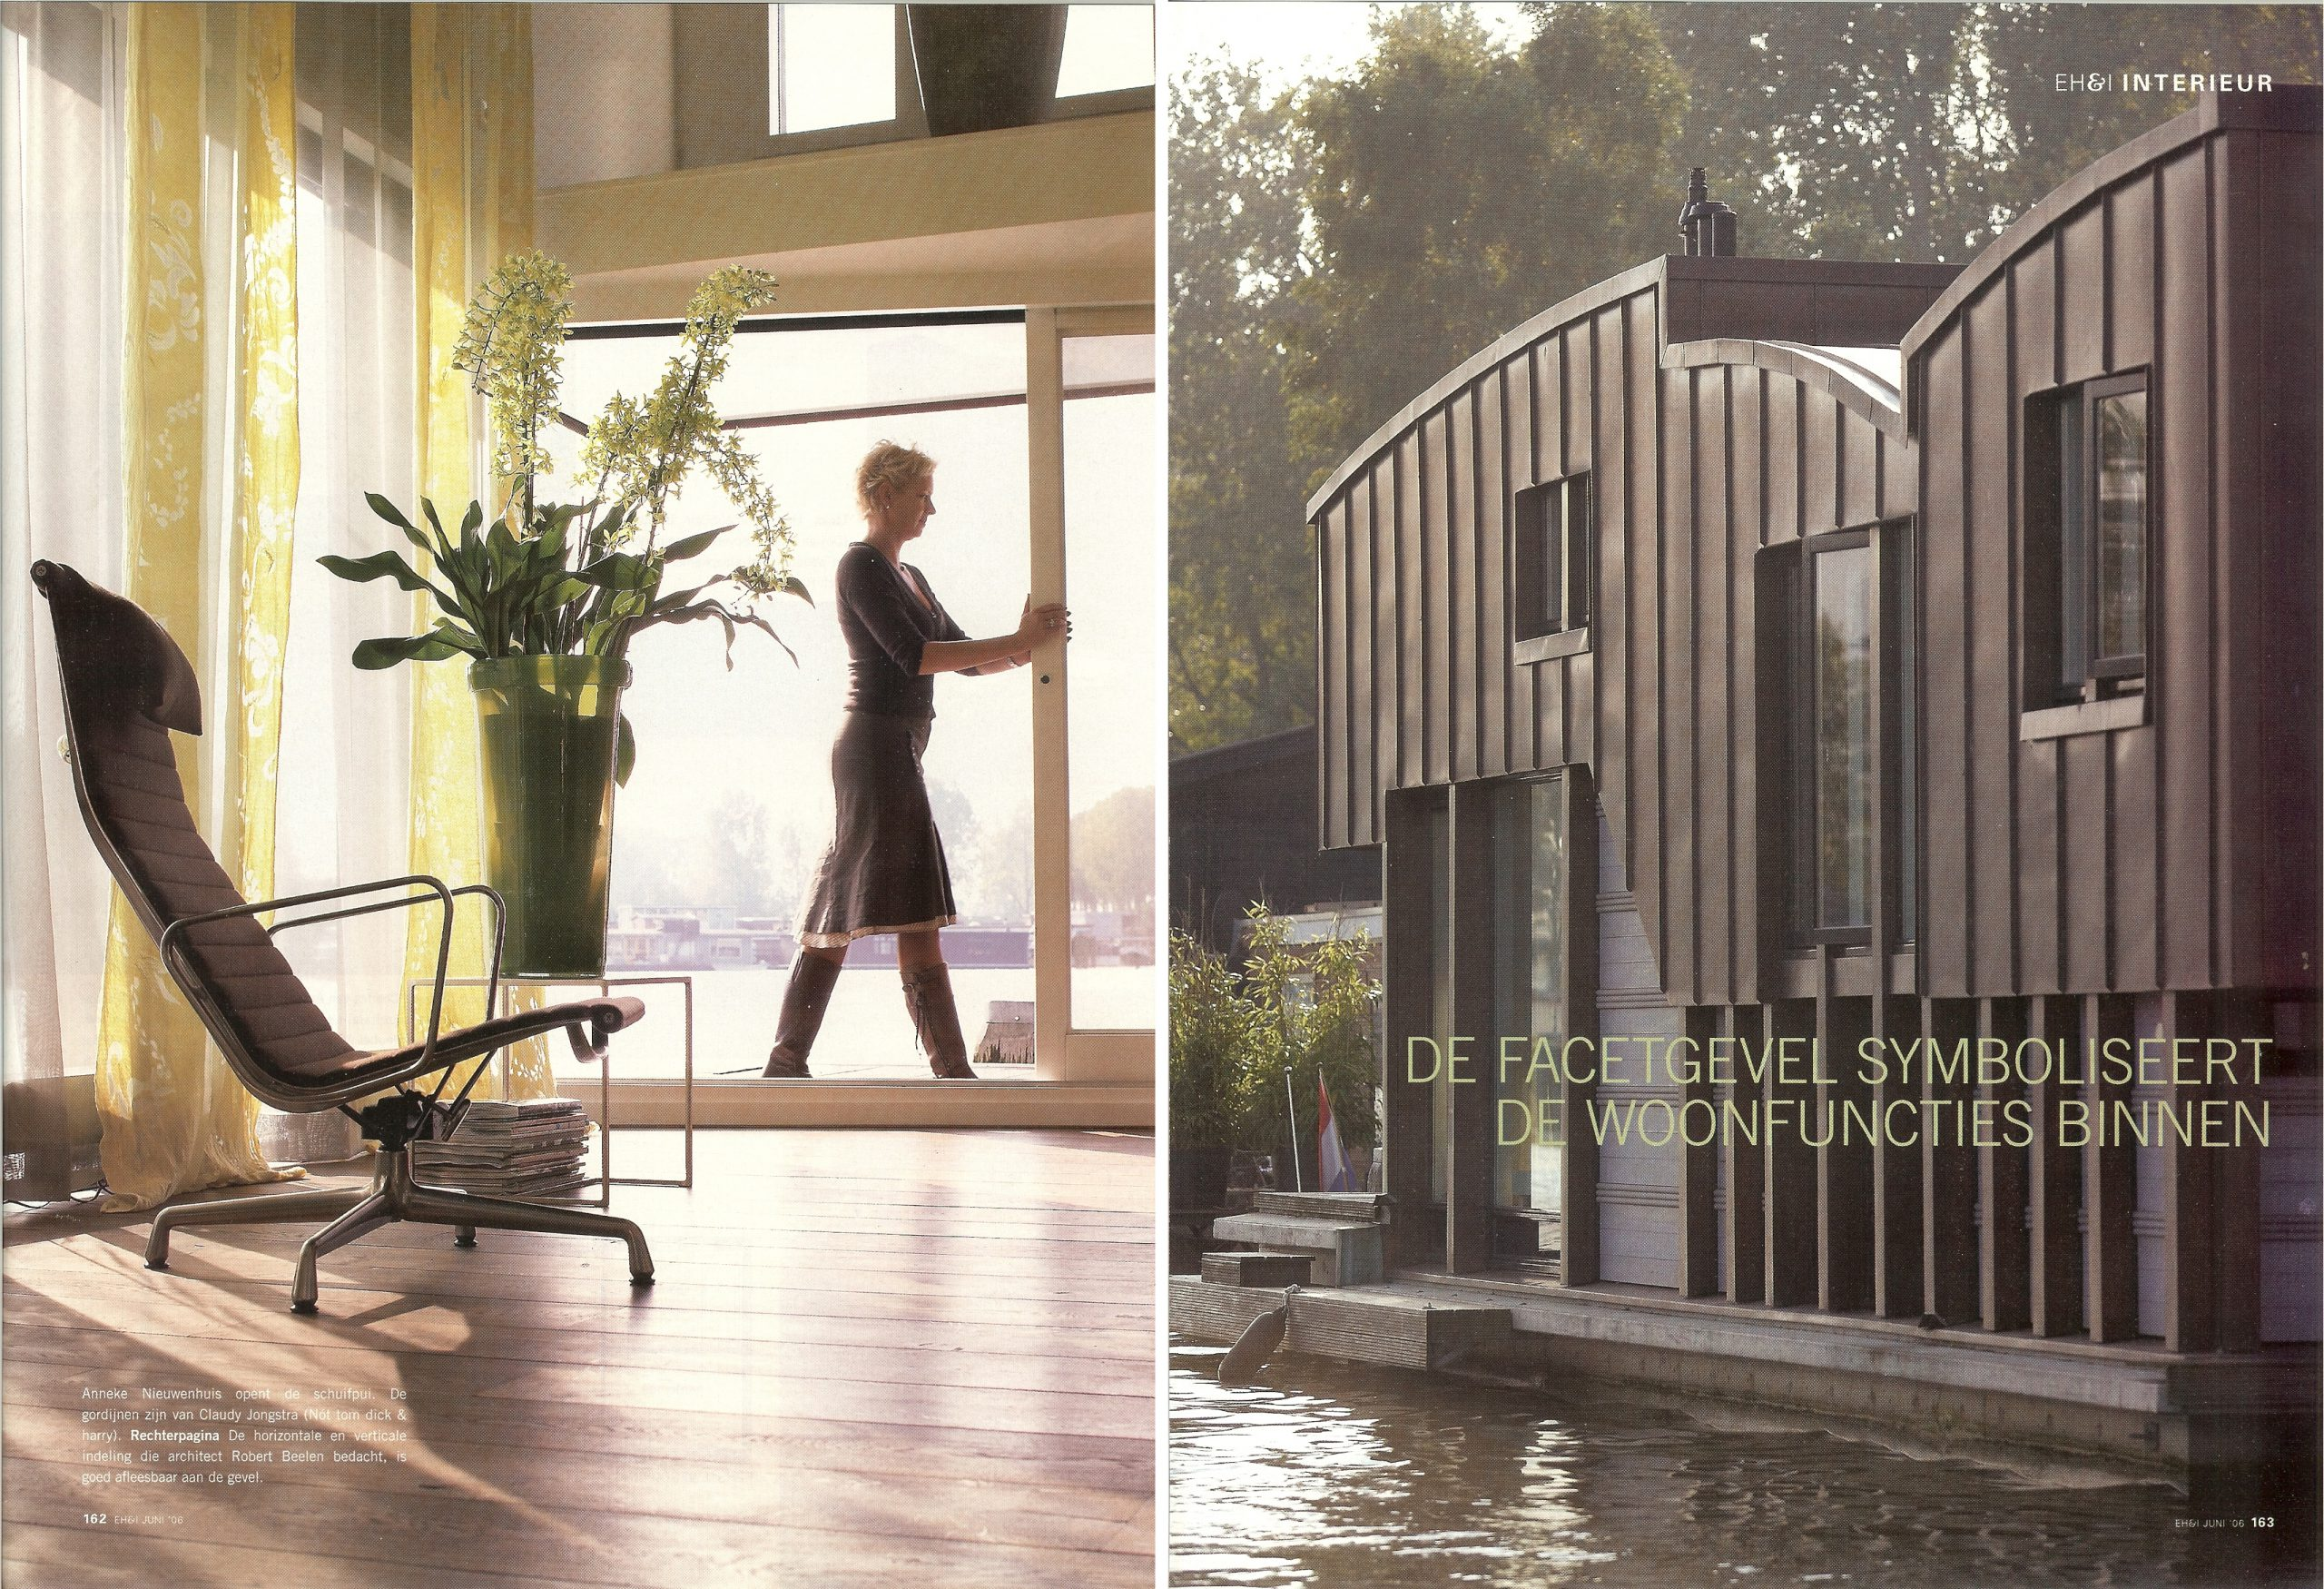 publicatie EigenHuis & Interieur Woonboot in Amsterdam doorBEELEN CS architecten bv p162-163